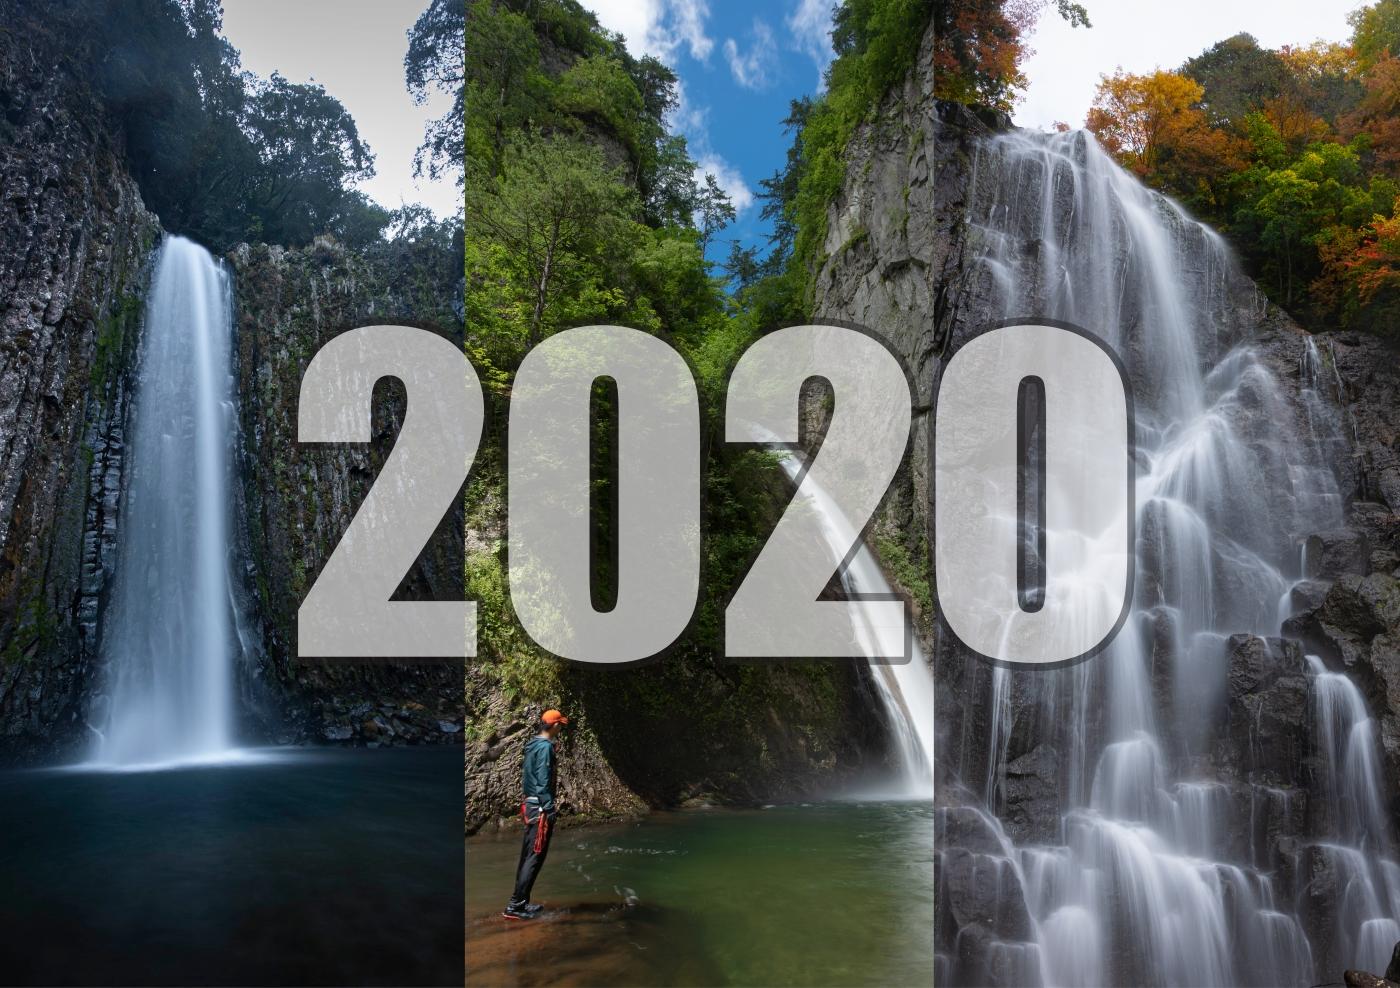 訪瀑日記 2020年 まとめ